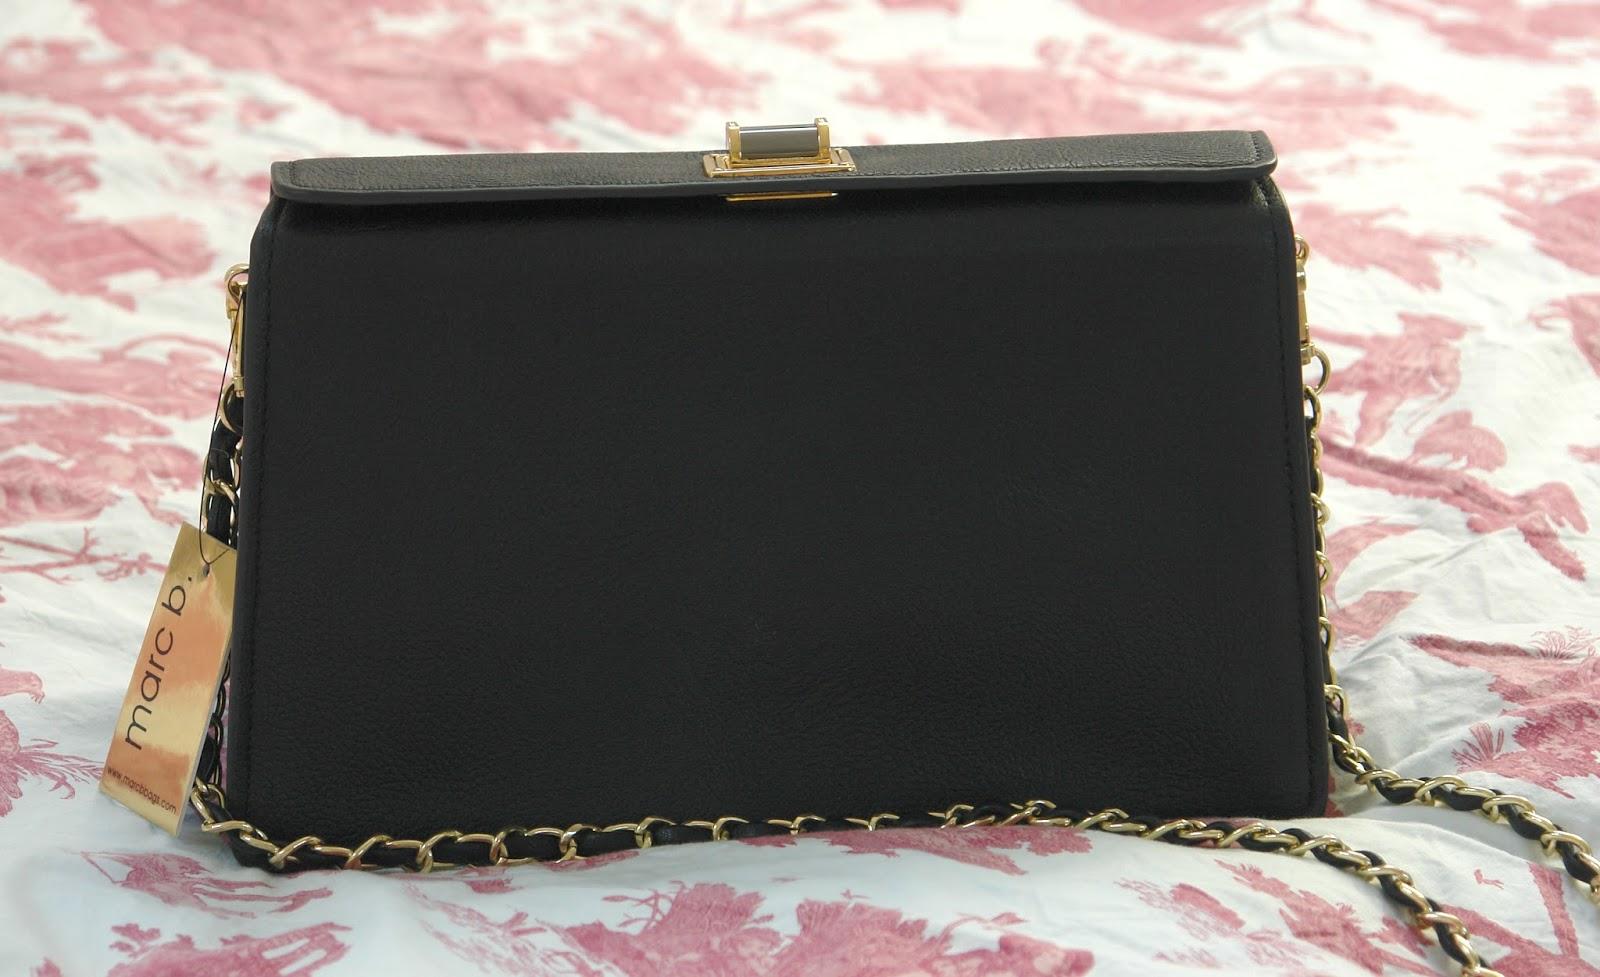 New handbag for new season - Marc B Kristen Bag